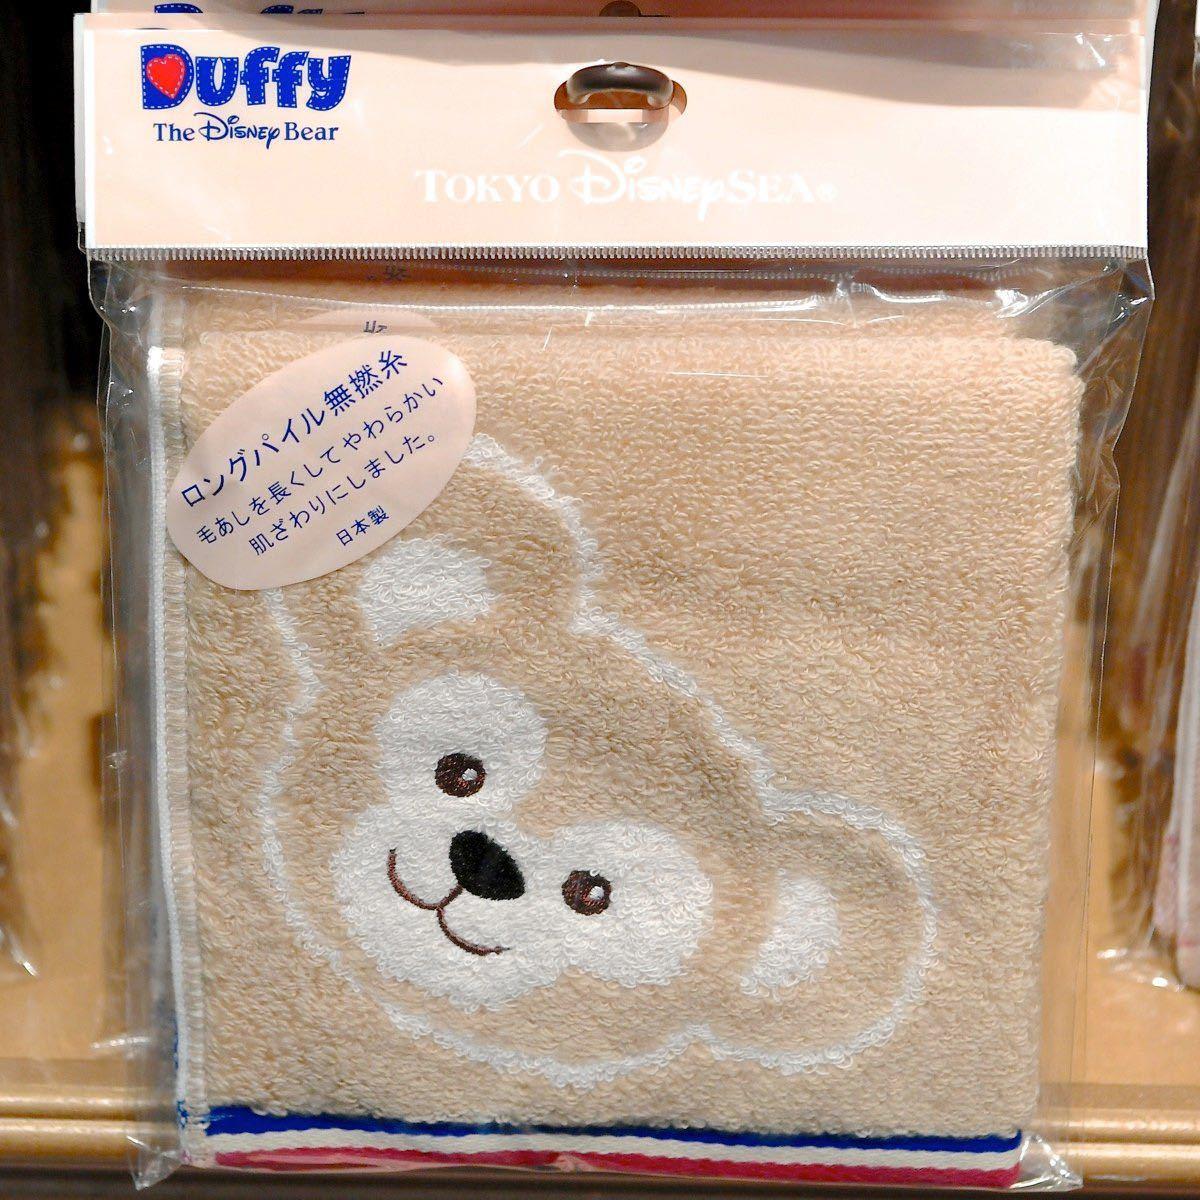 ダッフィー Duffy タオル スプーン ディズニーシー限定 日本製 未使用品 ウォッシュタオル 東京ディズニーシー_画像2